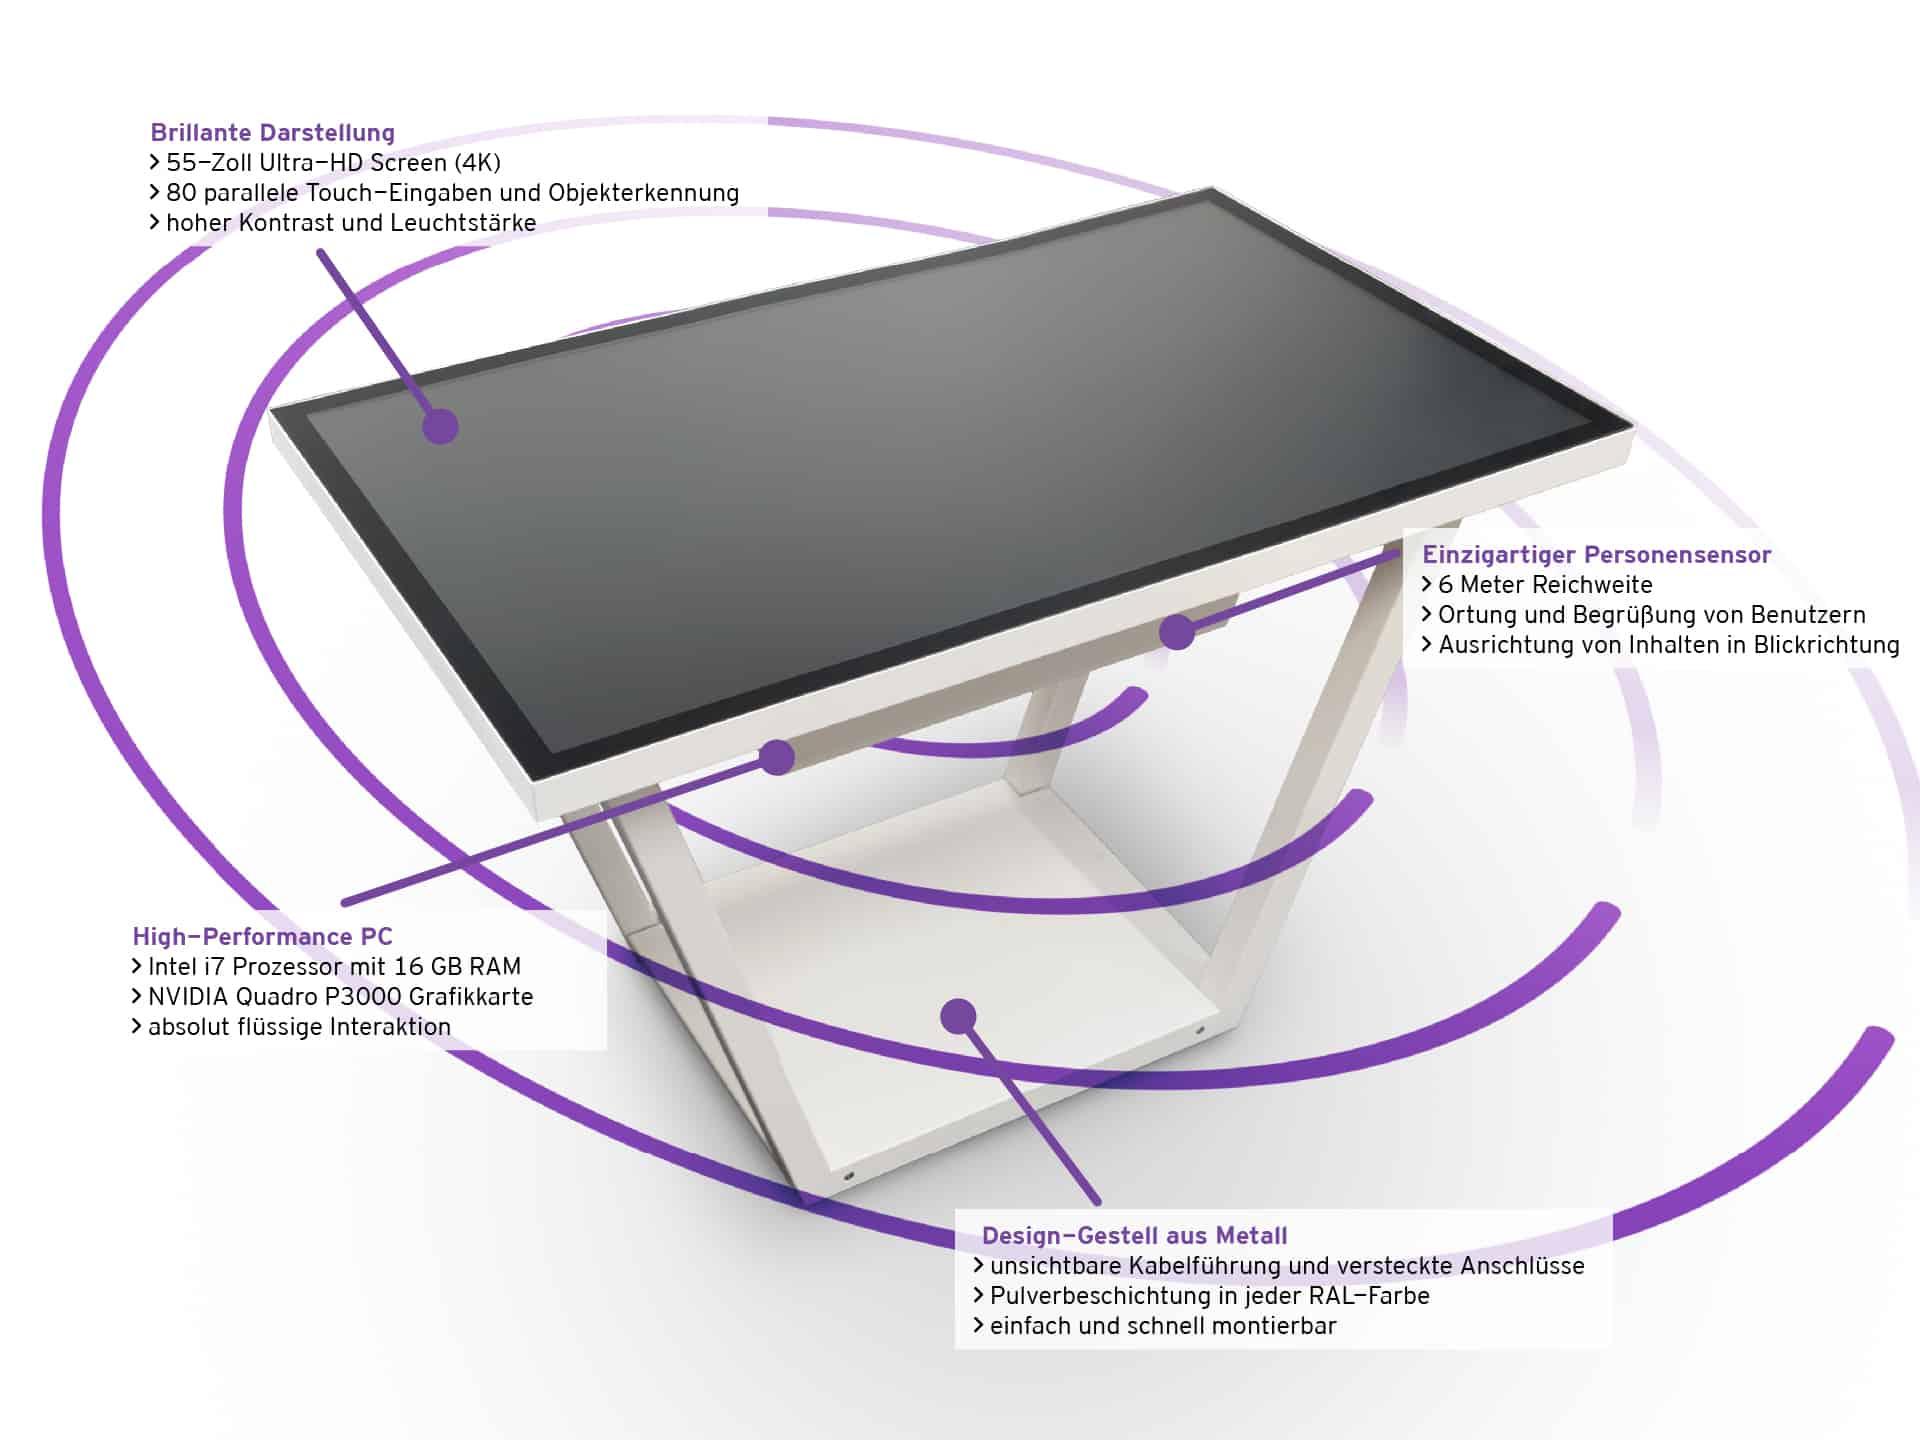 Neuer Multitouch-Tisch erkennt Objekte und Personen